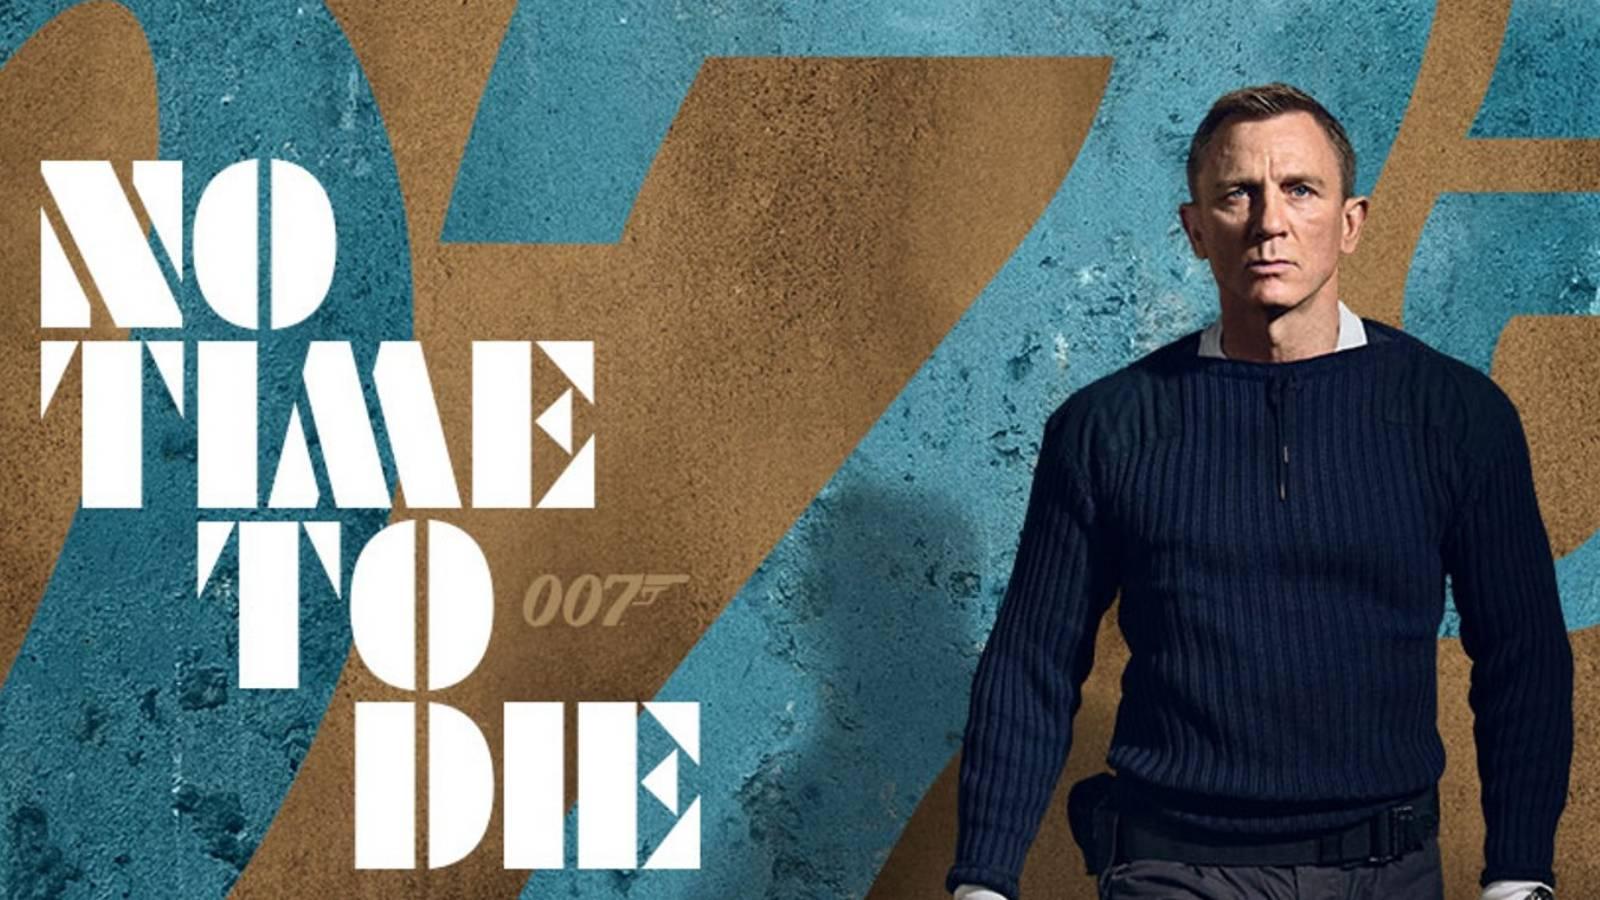 James Bond No Time to Die AMANAT Coronavirus